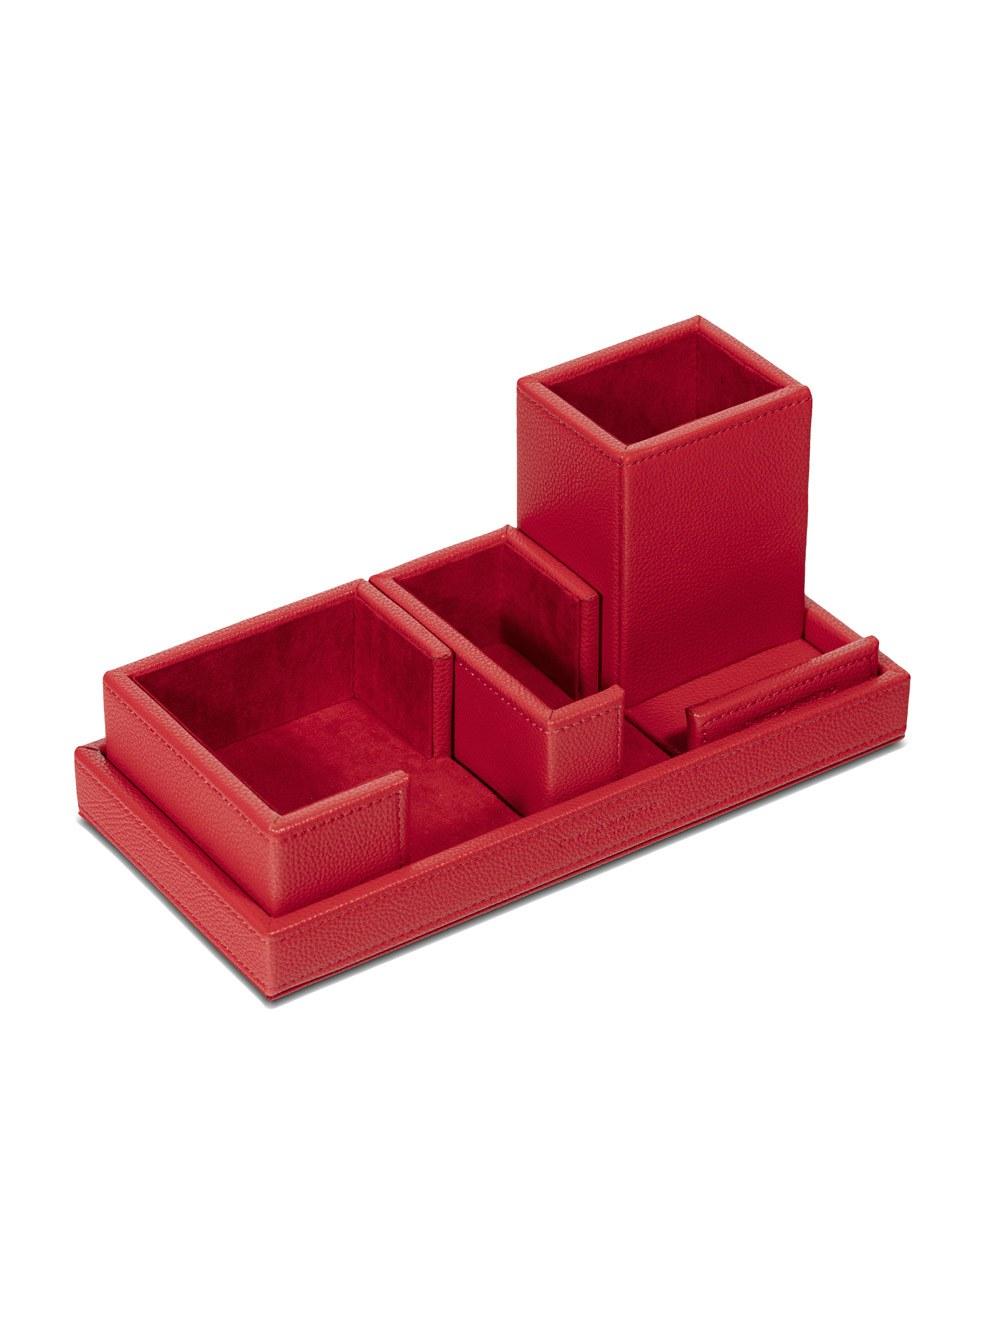 Desk Set Cartesio - Cherry Red